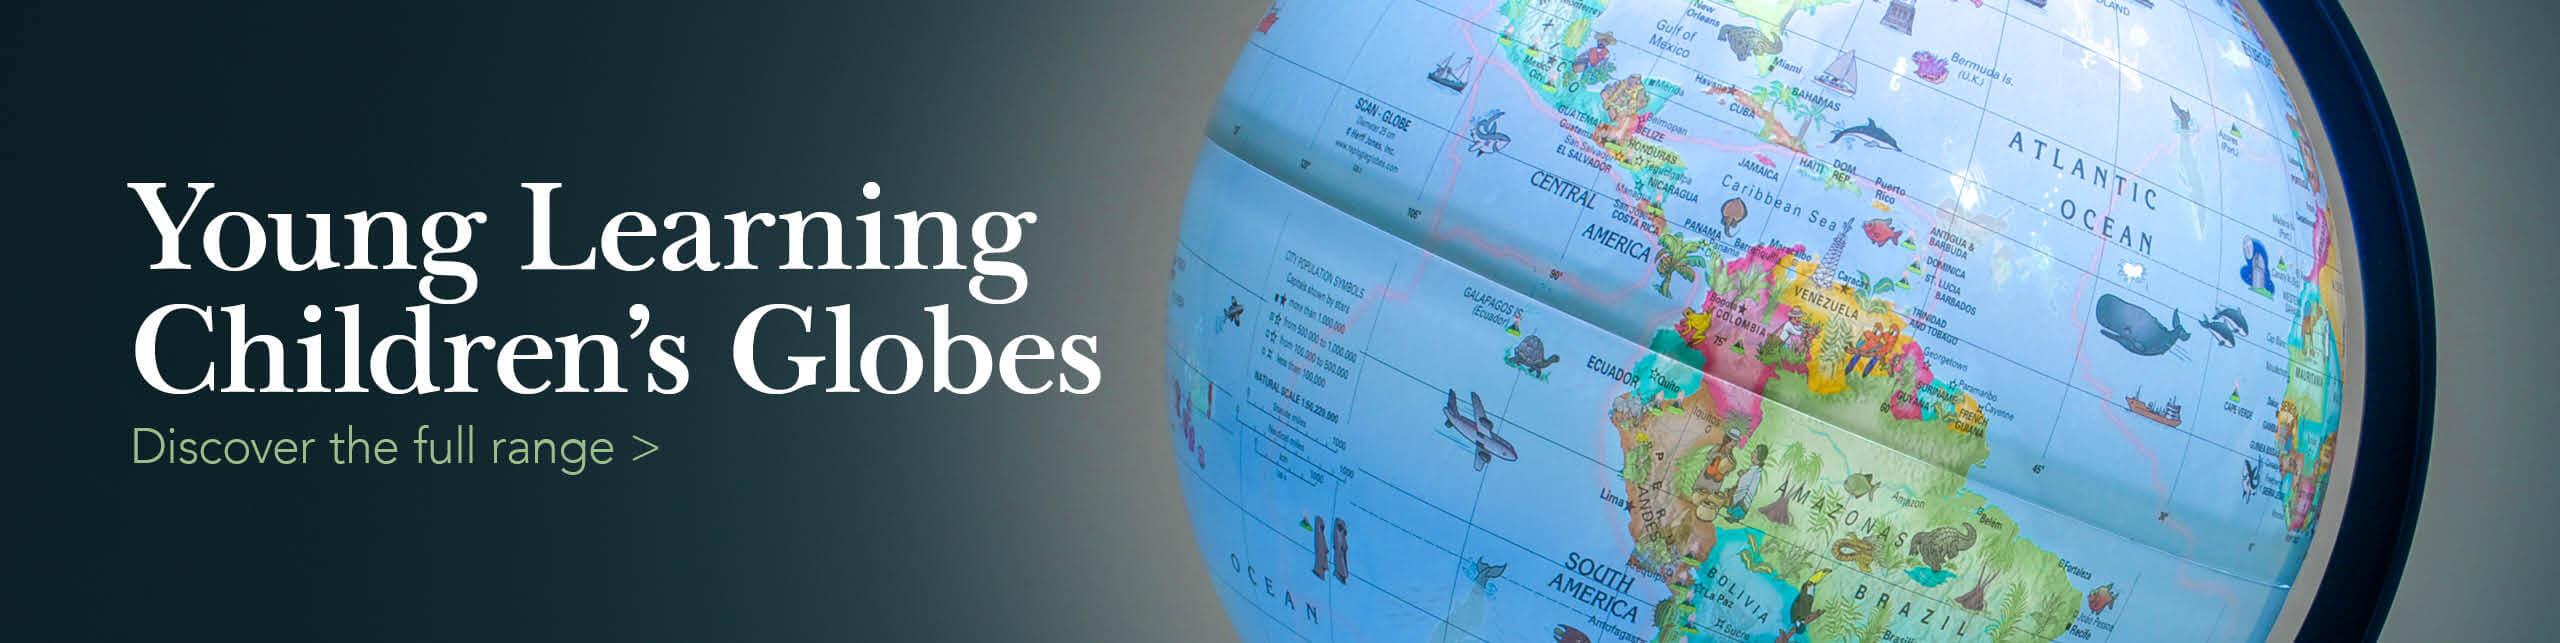 Children's Globes Banner